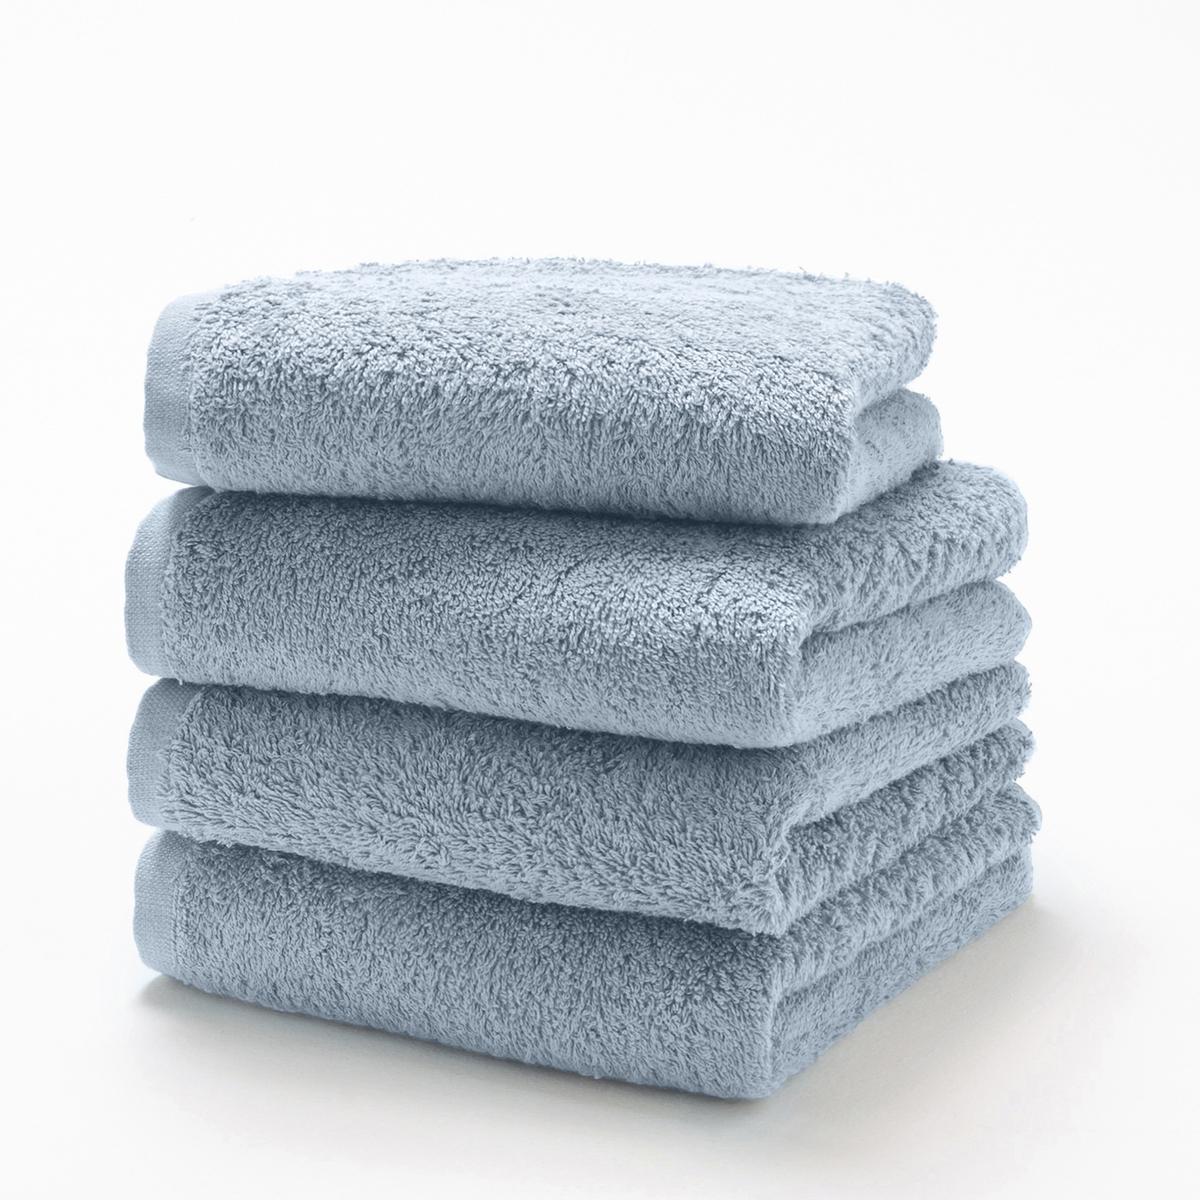 Комплект из 4 гостевых полотенец 500 г/м²